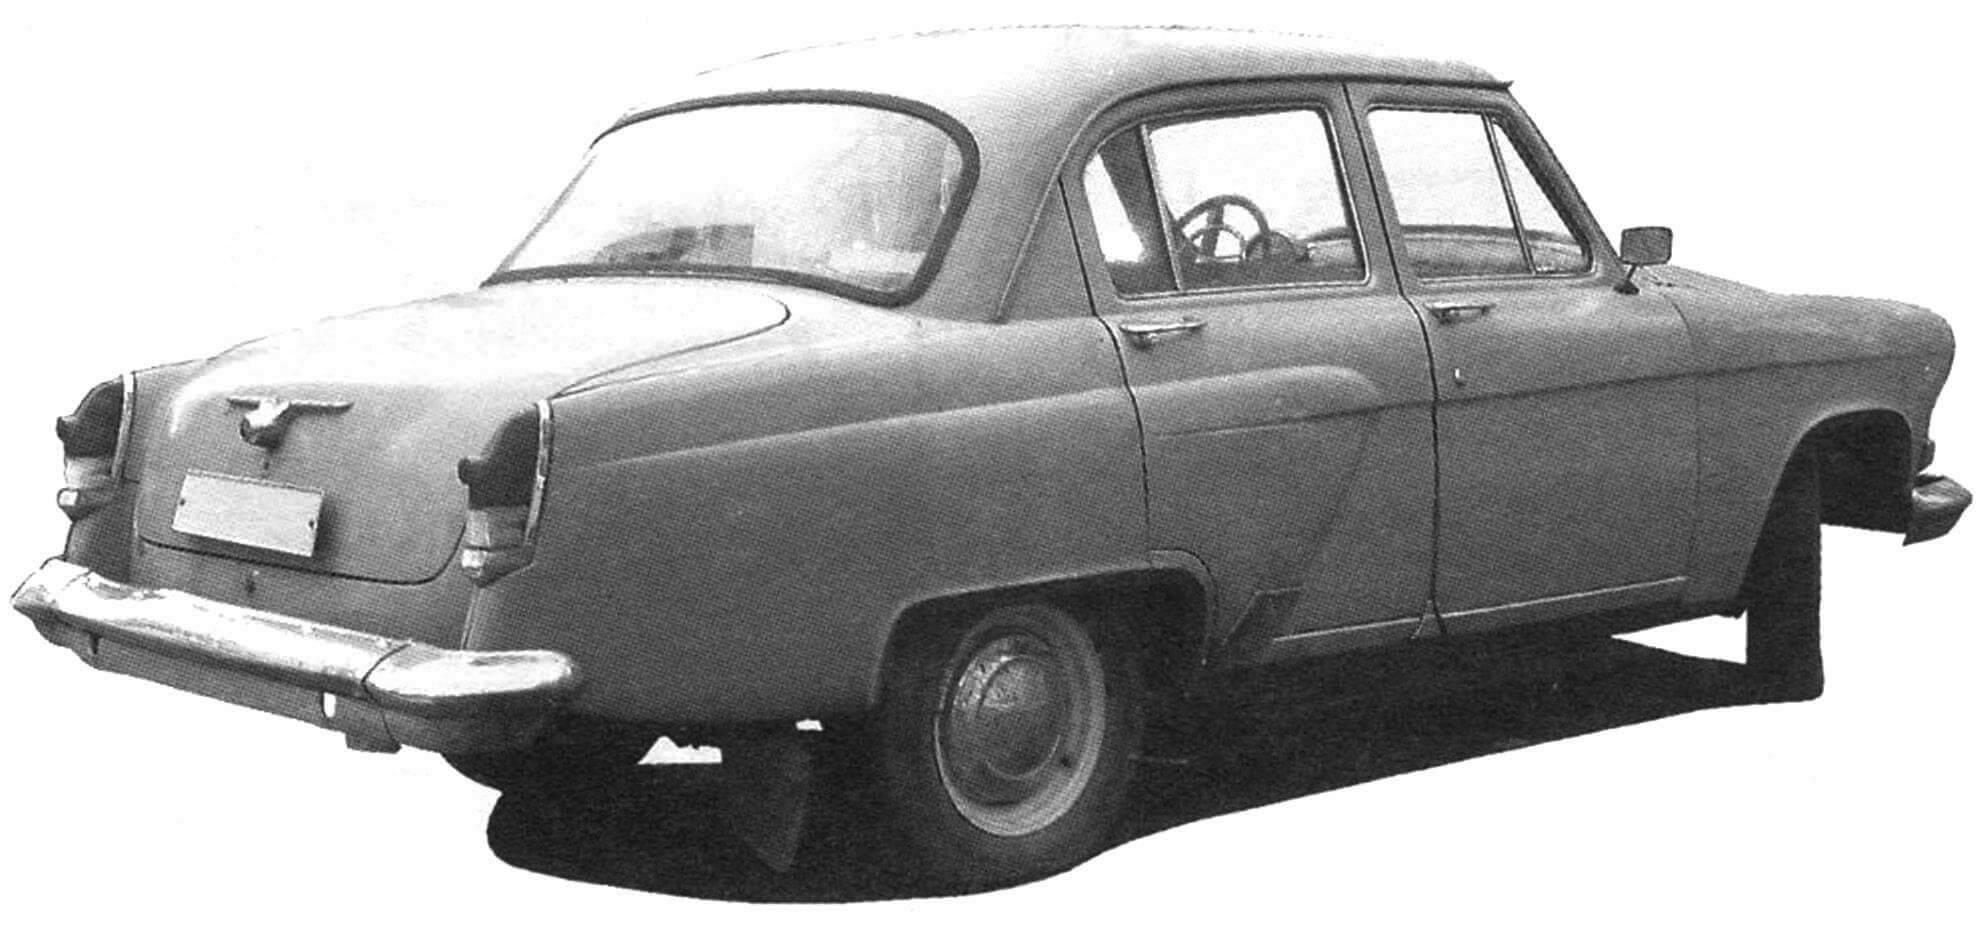 Автомобиль ГАЗ-21Р - автомобиль, выпускавшийся на ГАЗе с 1962 года